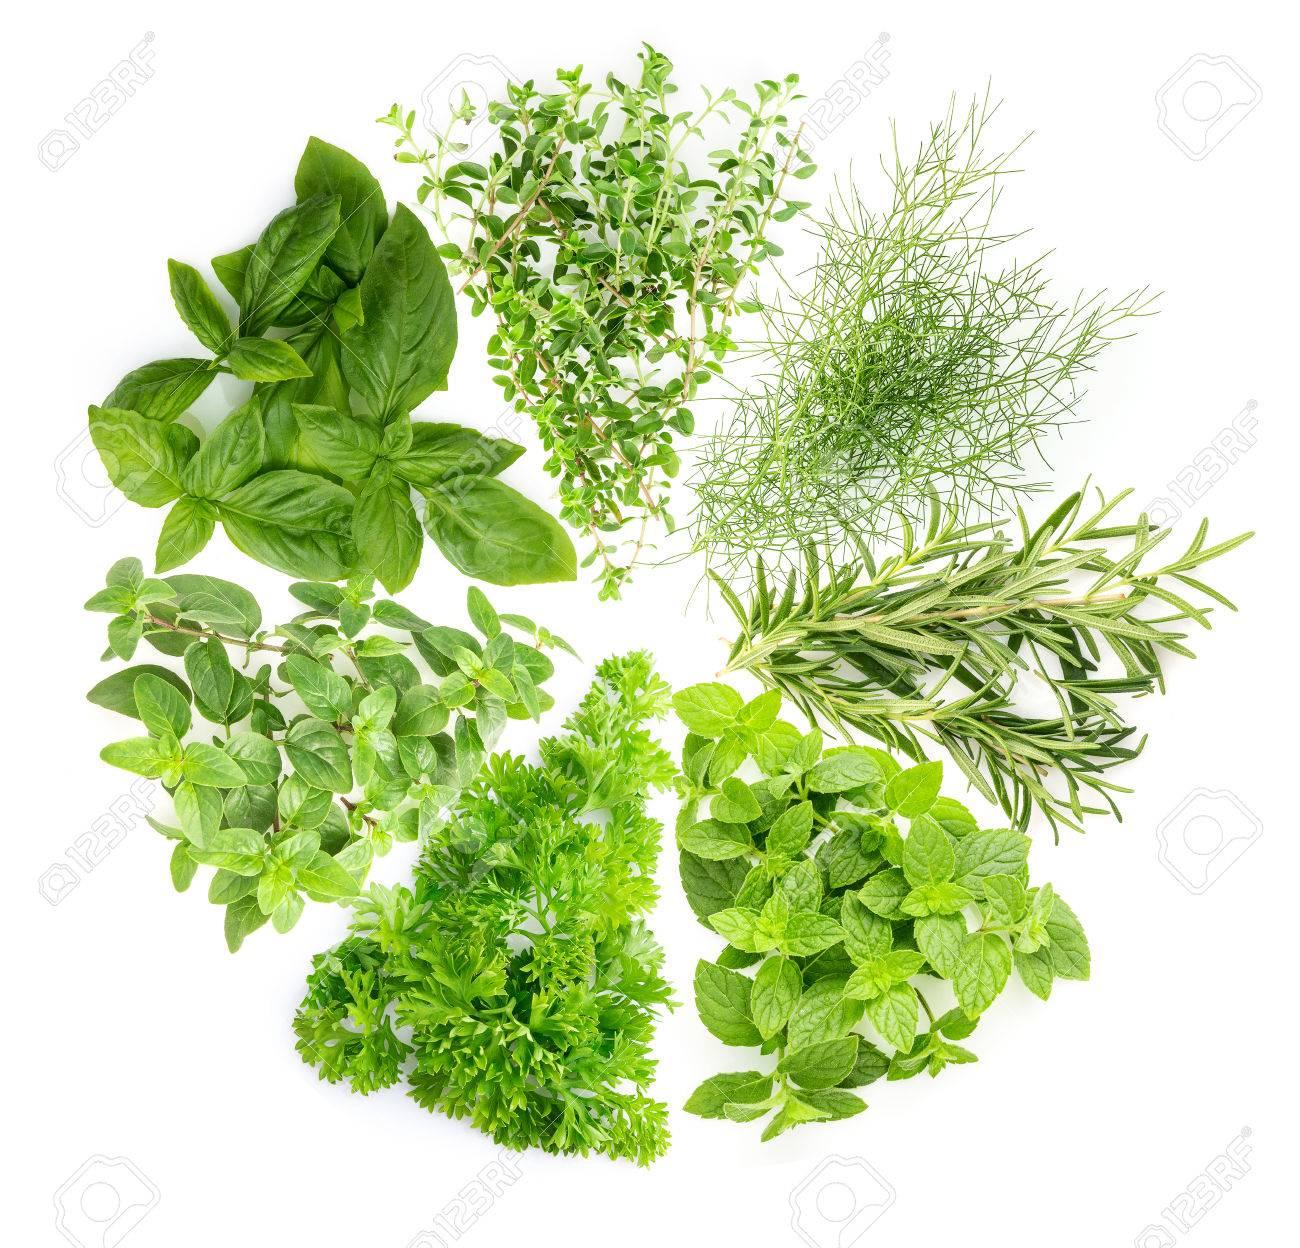 concept: la collecte de l'herbe est une plante utilisée pour l'arôme